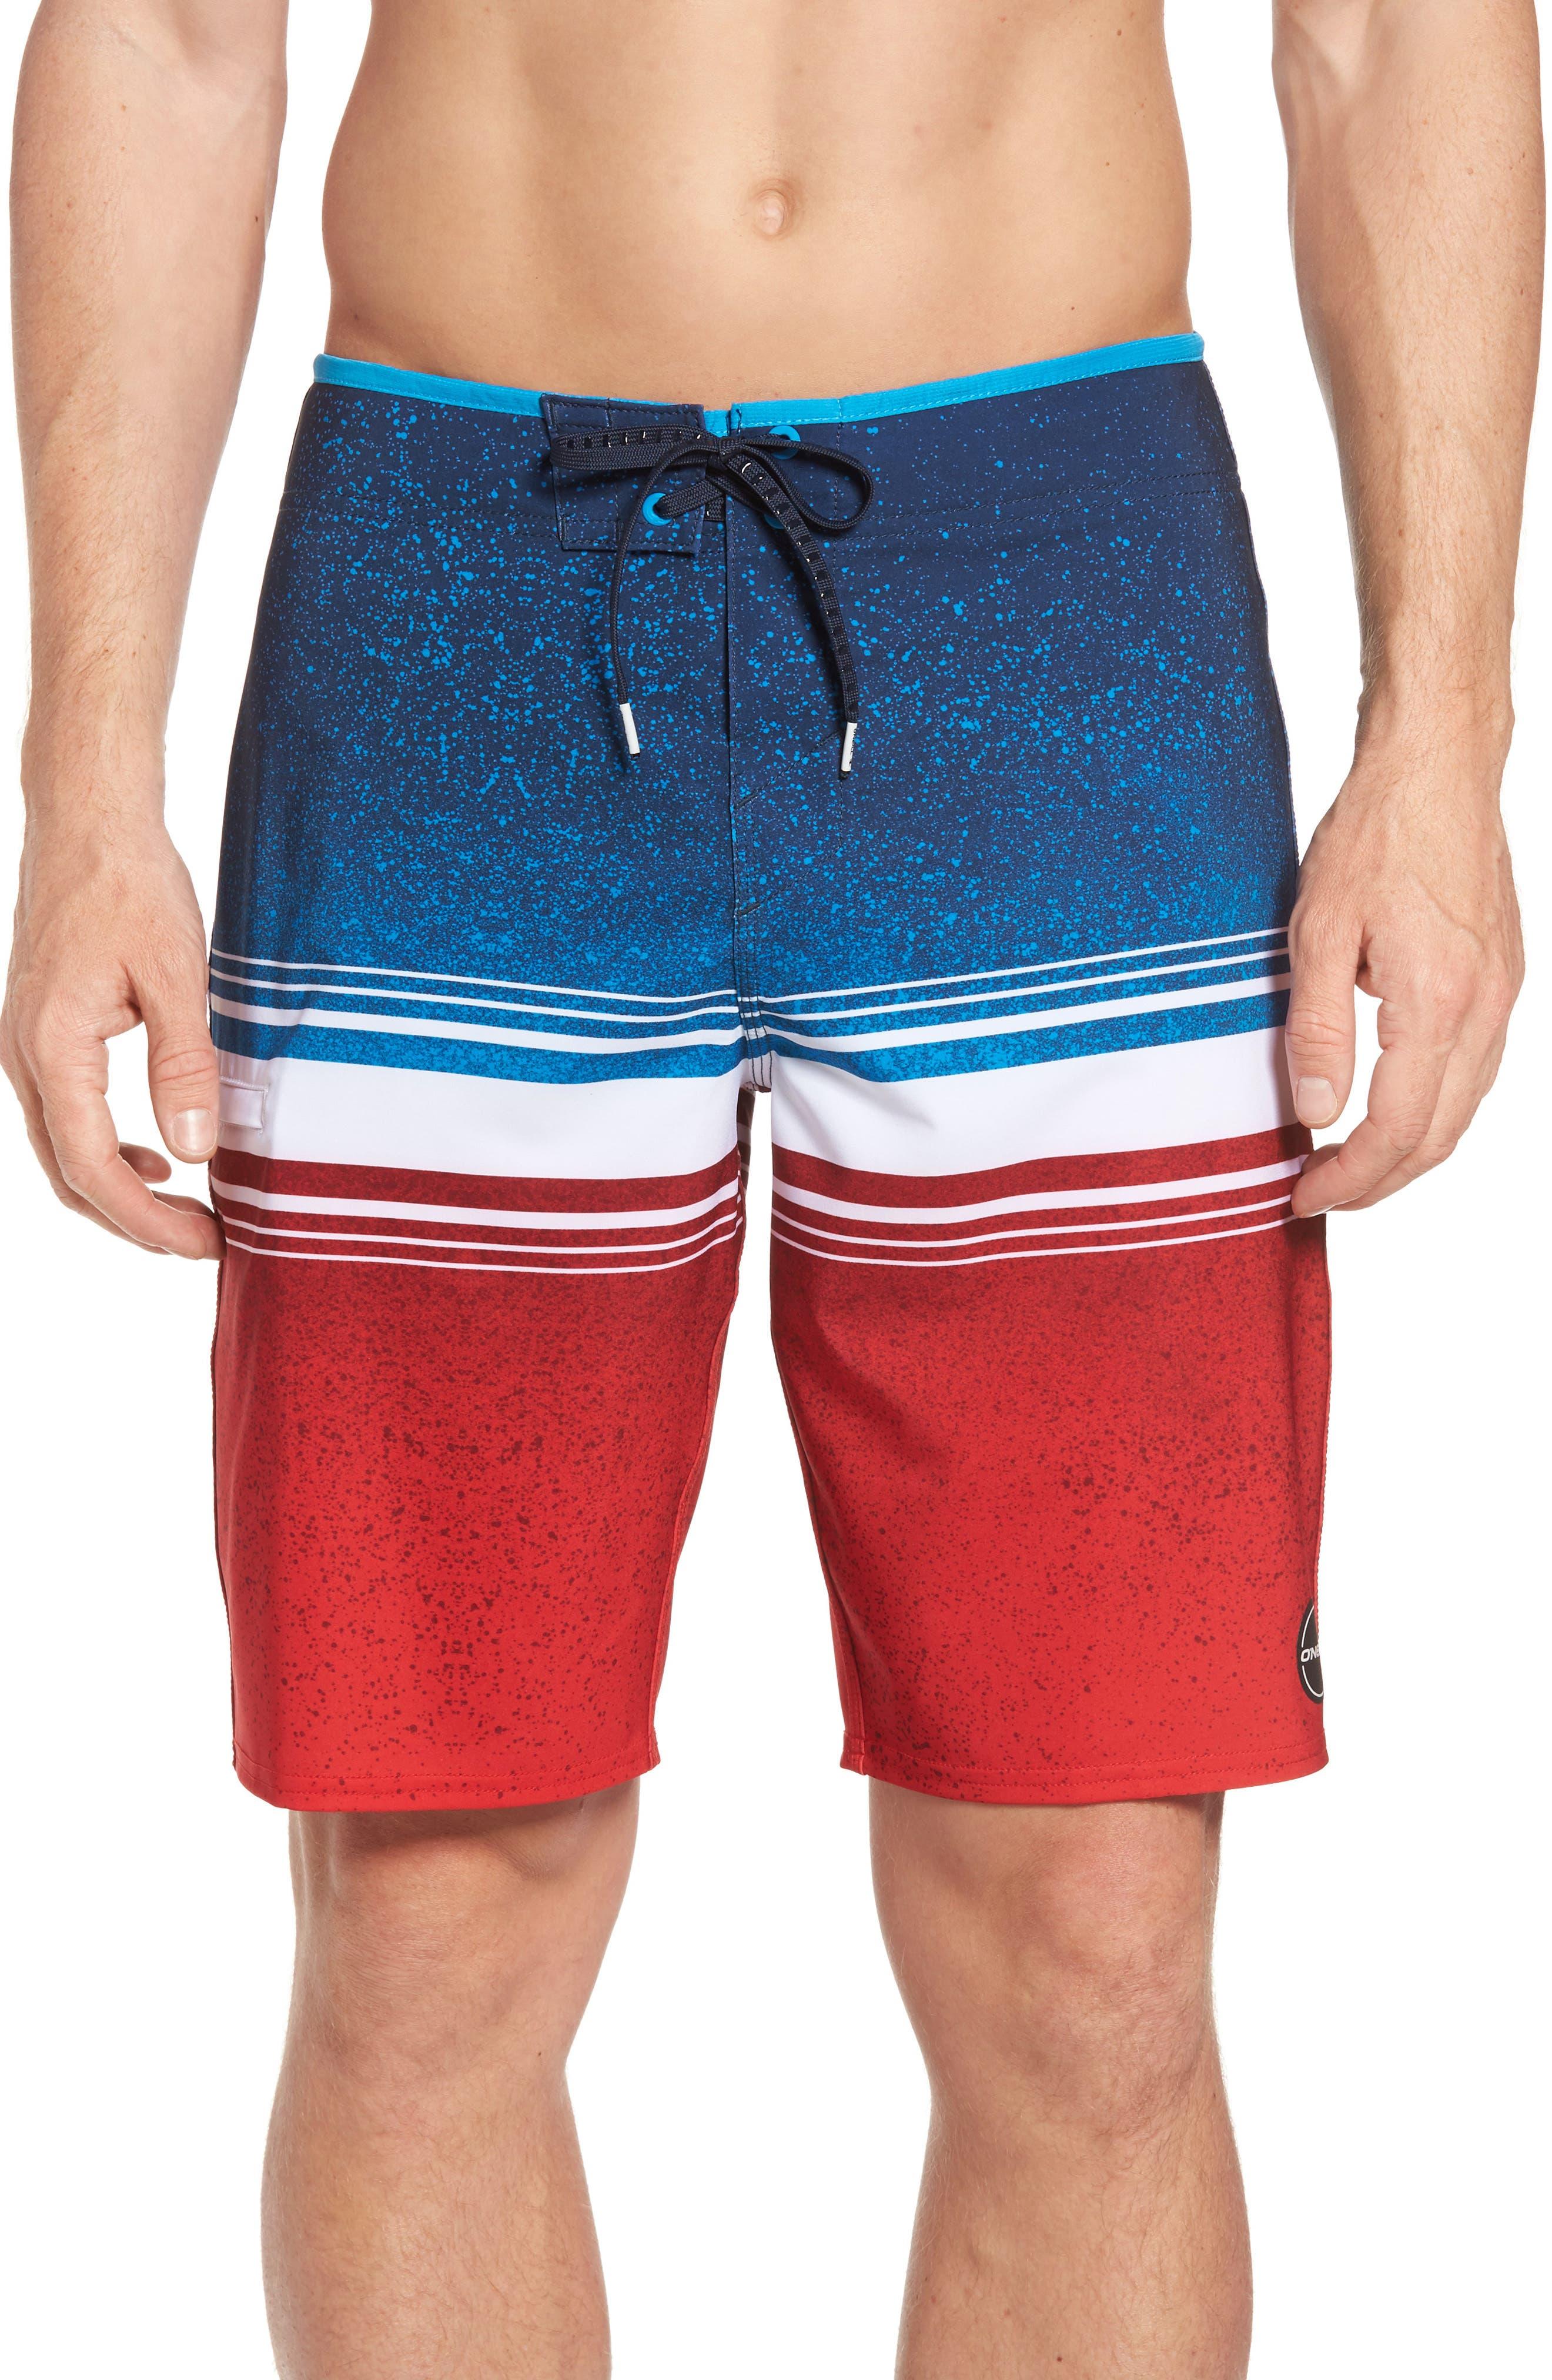 O'NEILL Hyperfreak Fusion Board Shorts